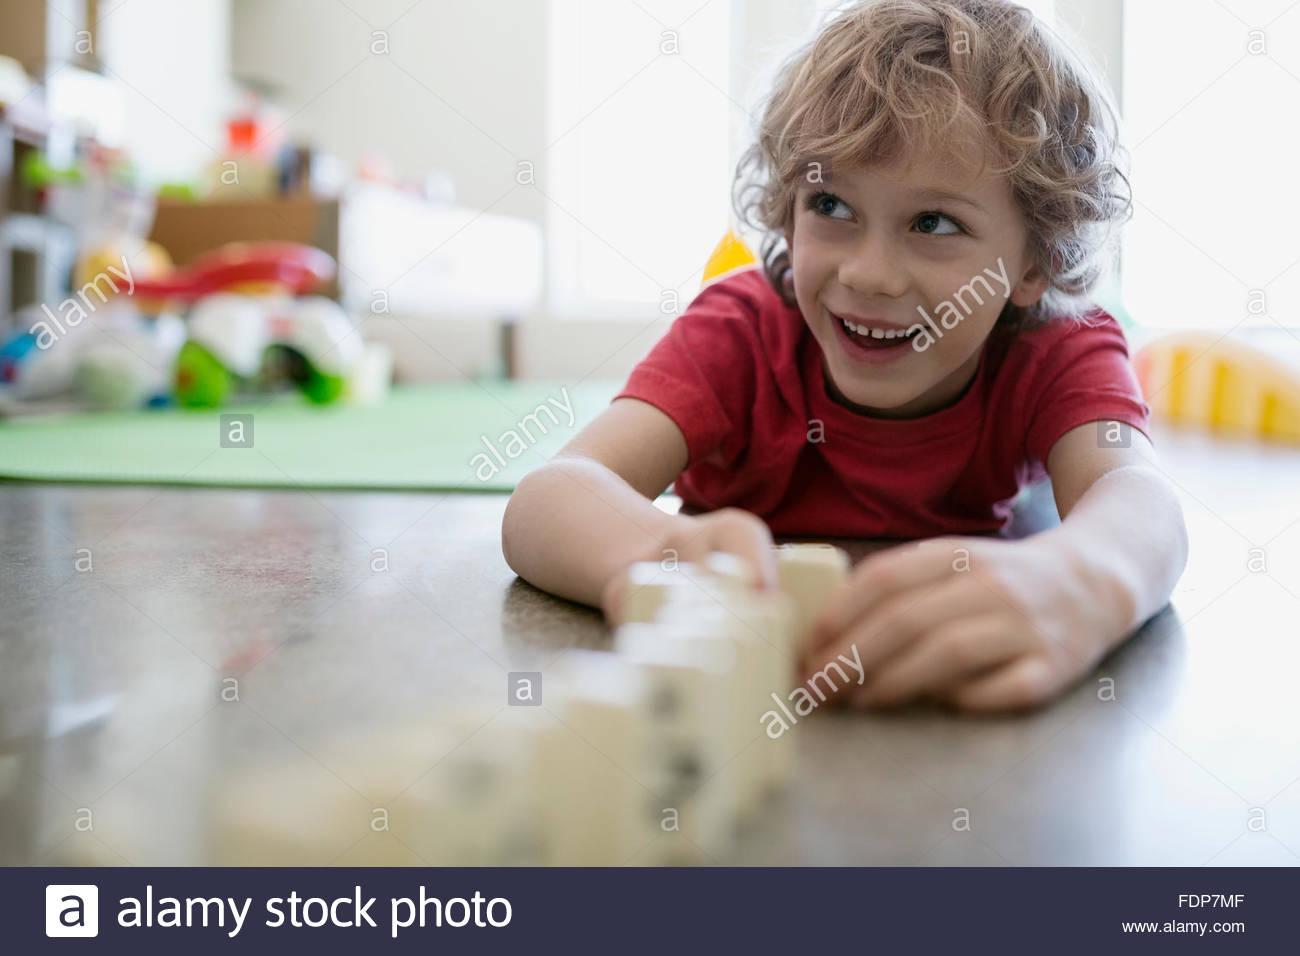 Chico sonriente jugando con fichas de dominó en el piso Imagen De Stock